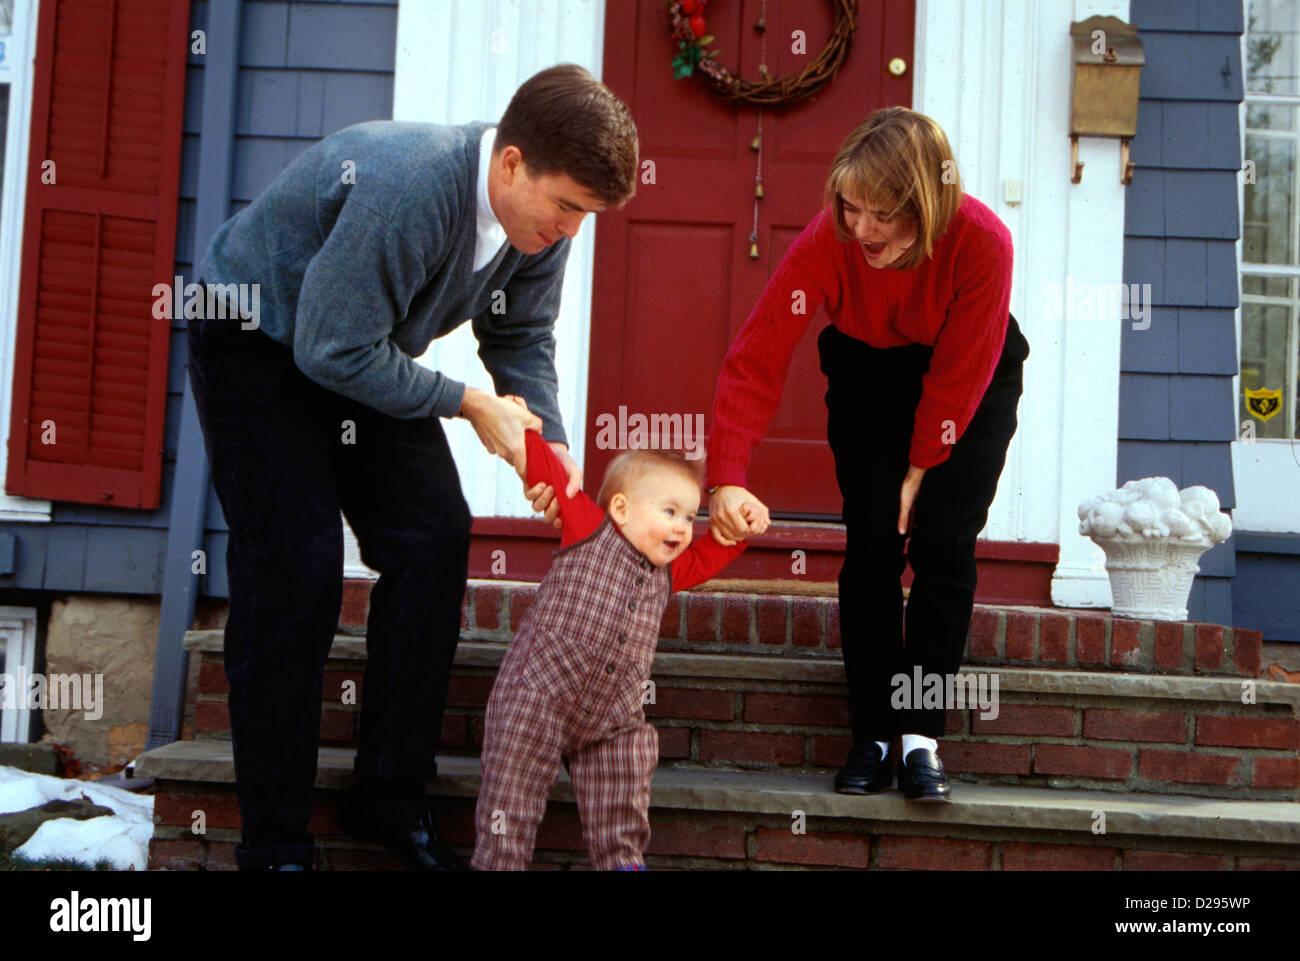 Les parents dans leurs années 30 Walking Down Steps avec bébé âgé d'un an Photo Stock